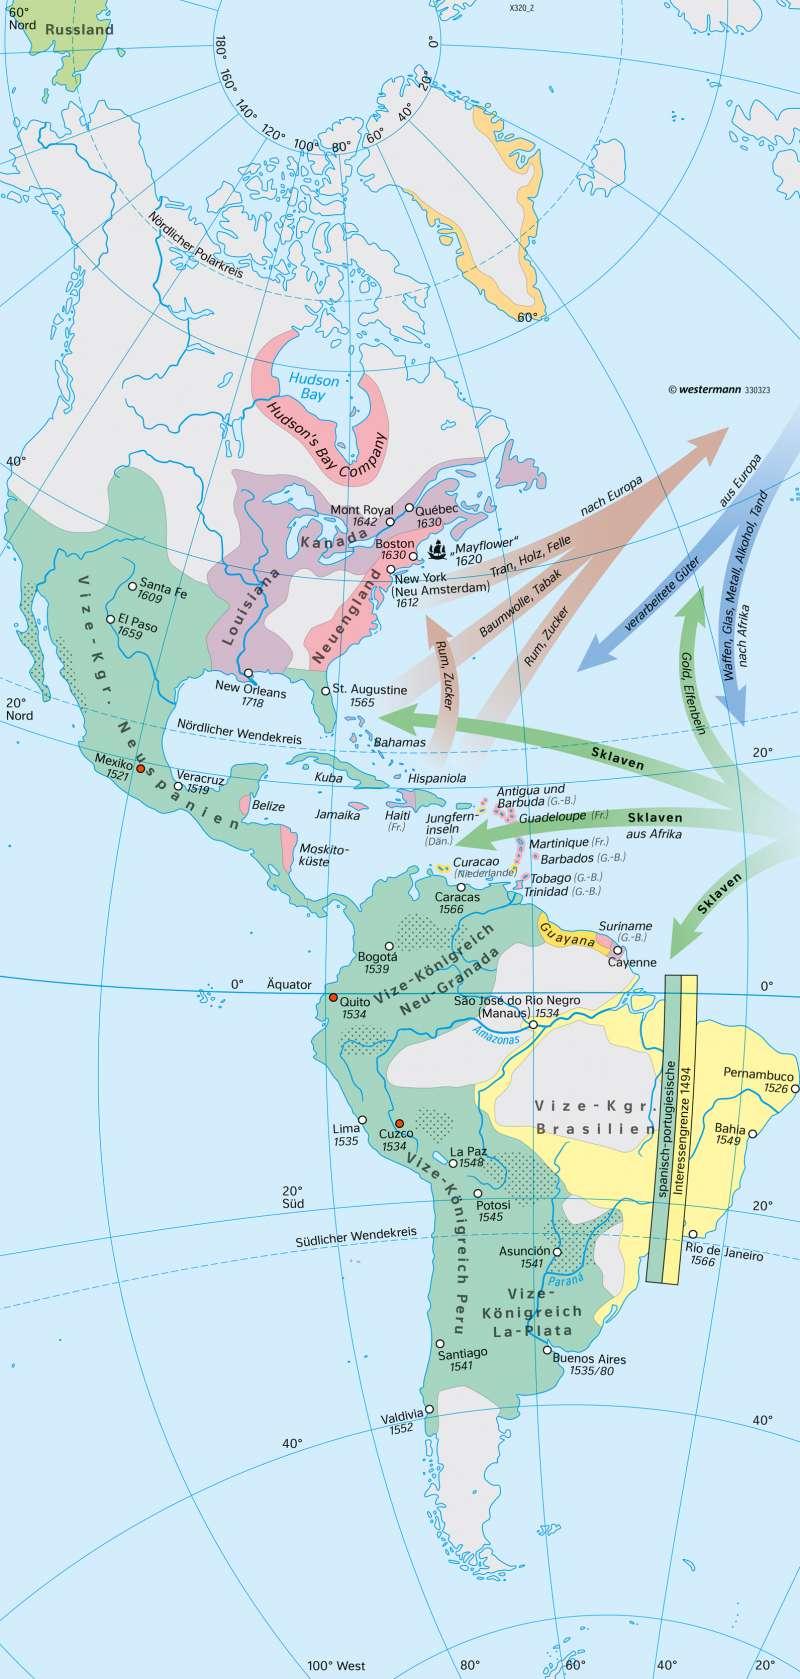 Amerika | Europäisierung Mitte 18. Jahrhundert | Amerika - Staaten und Geschichte | Karte 208/2